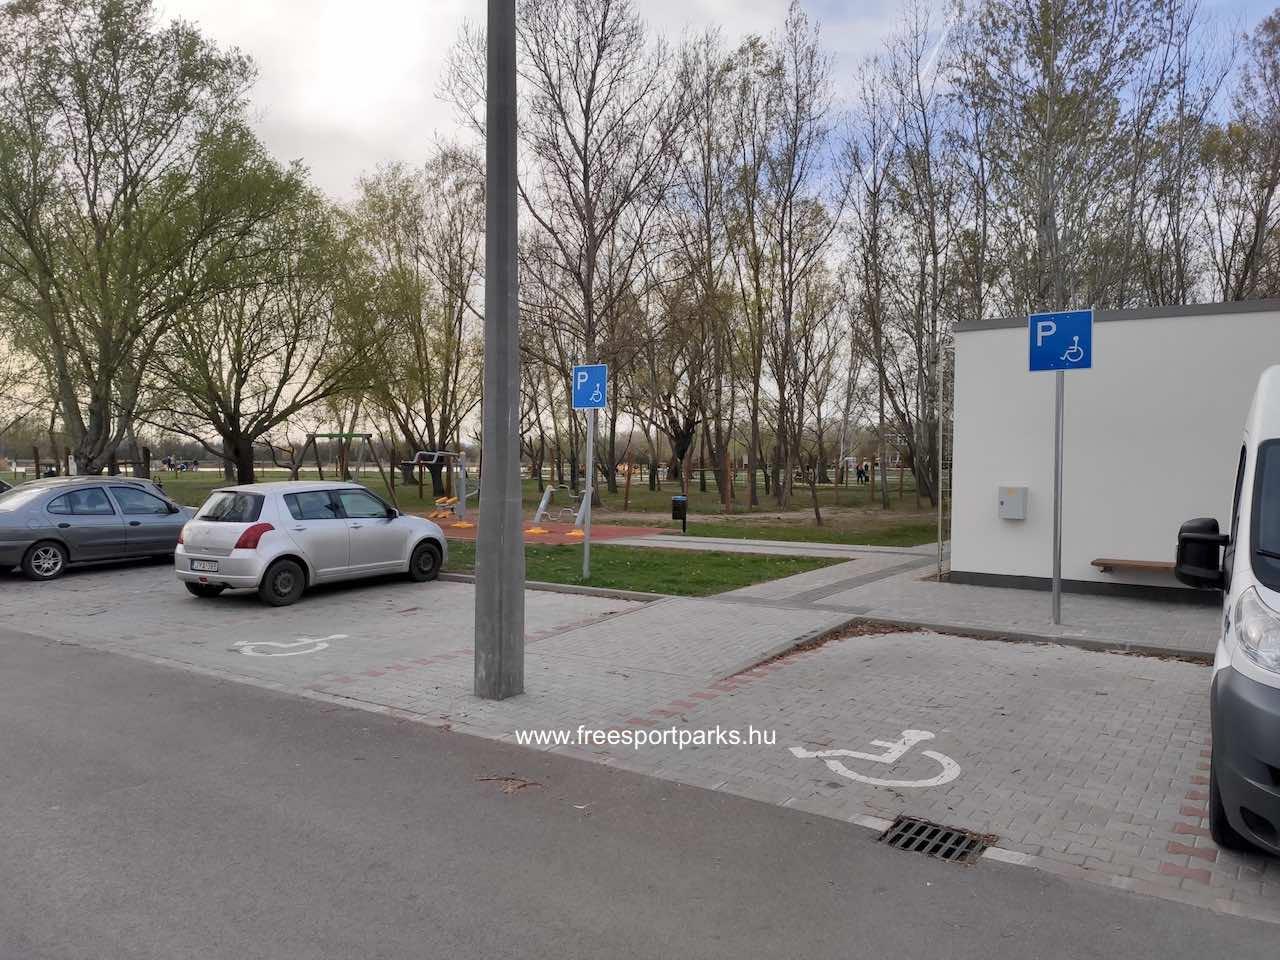 parkoló sor Palotavárosi szabadidőpark - Free Sport Parks térkép